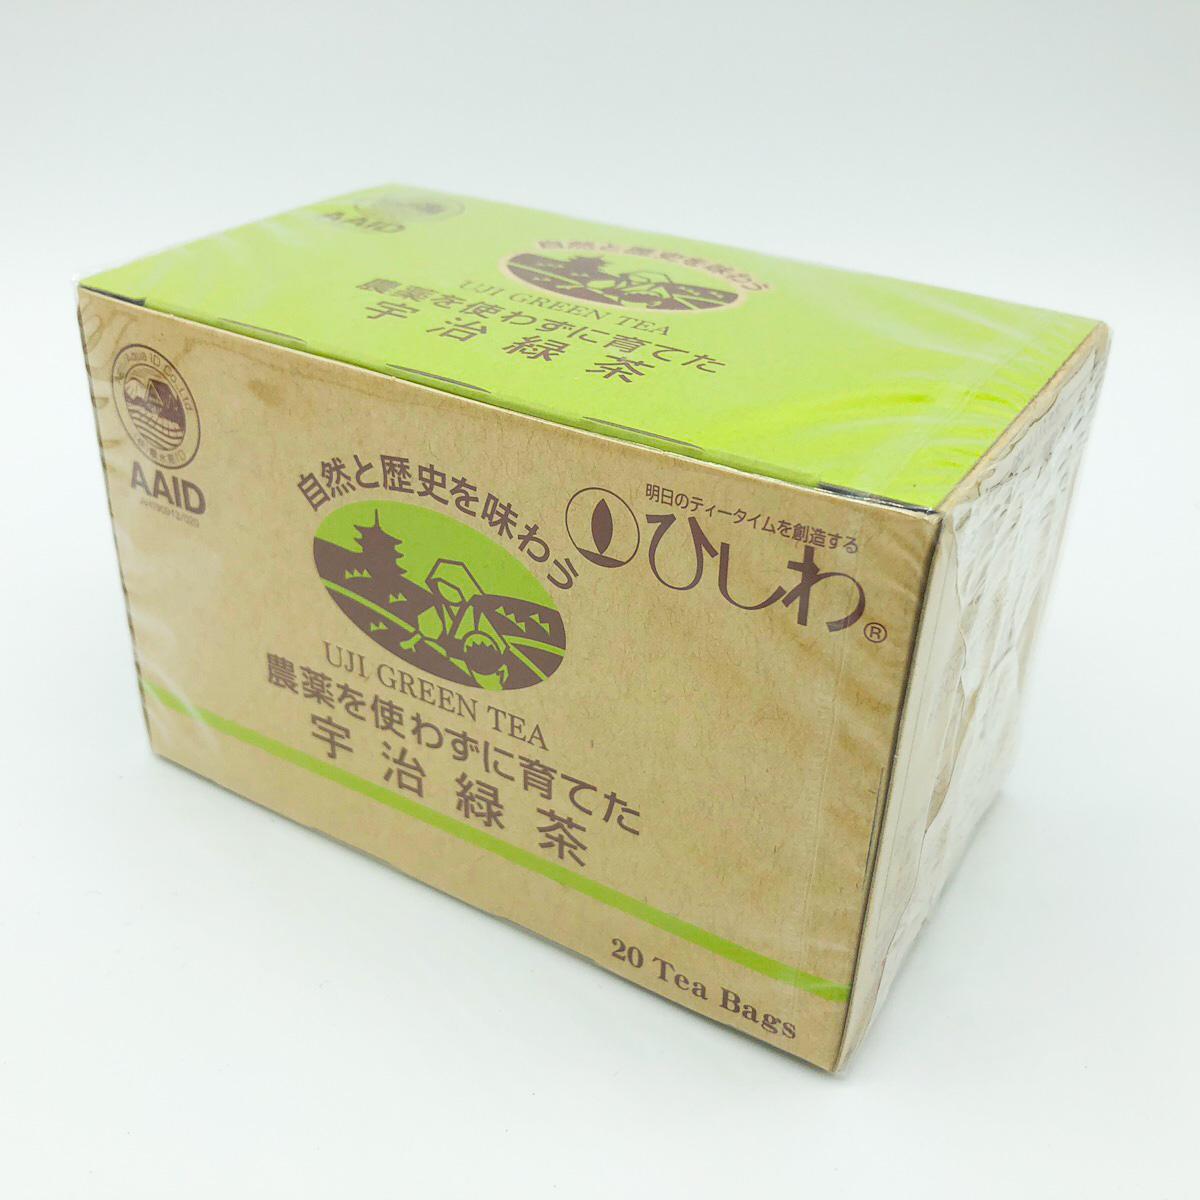 農薬を使わずに育てた宇治緑茶